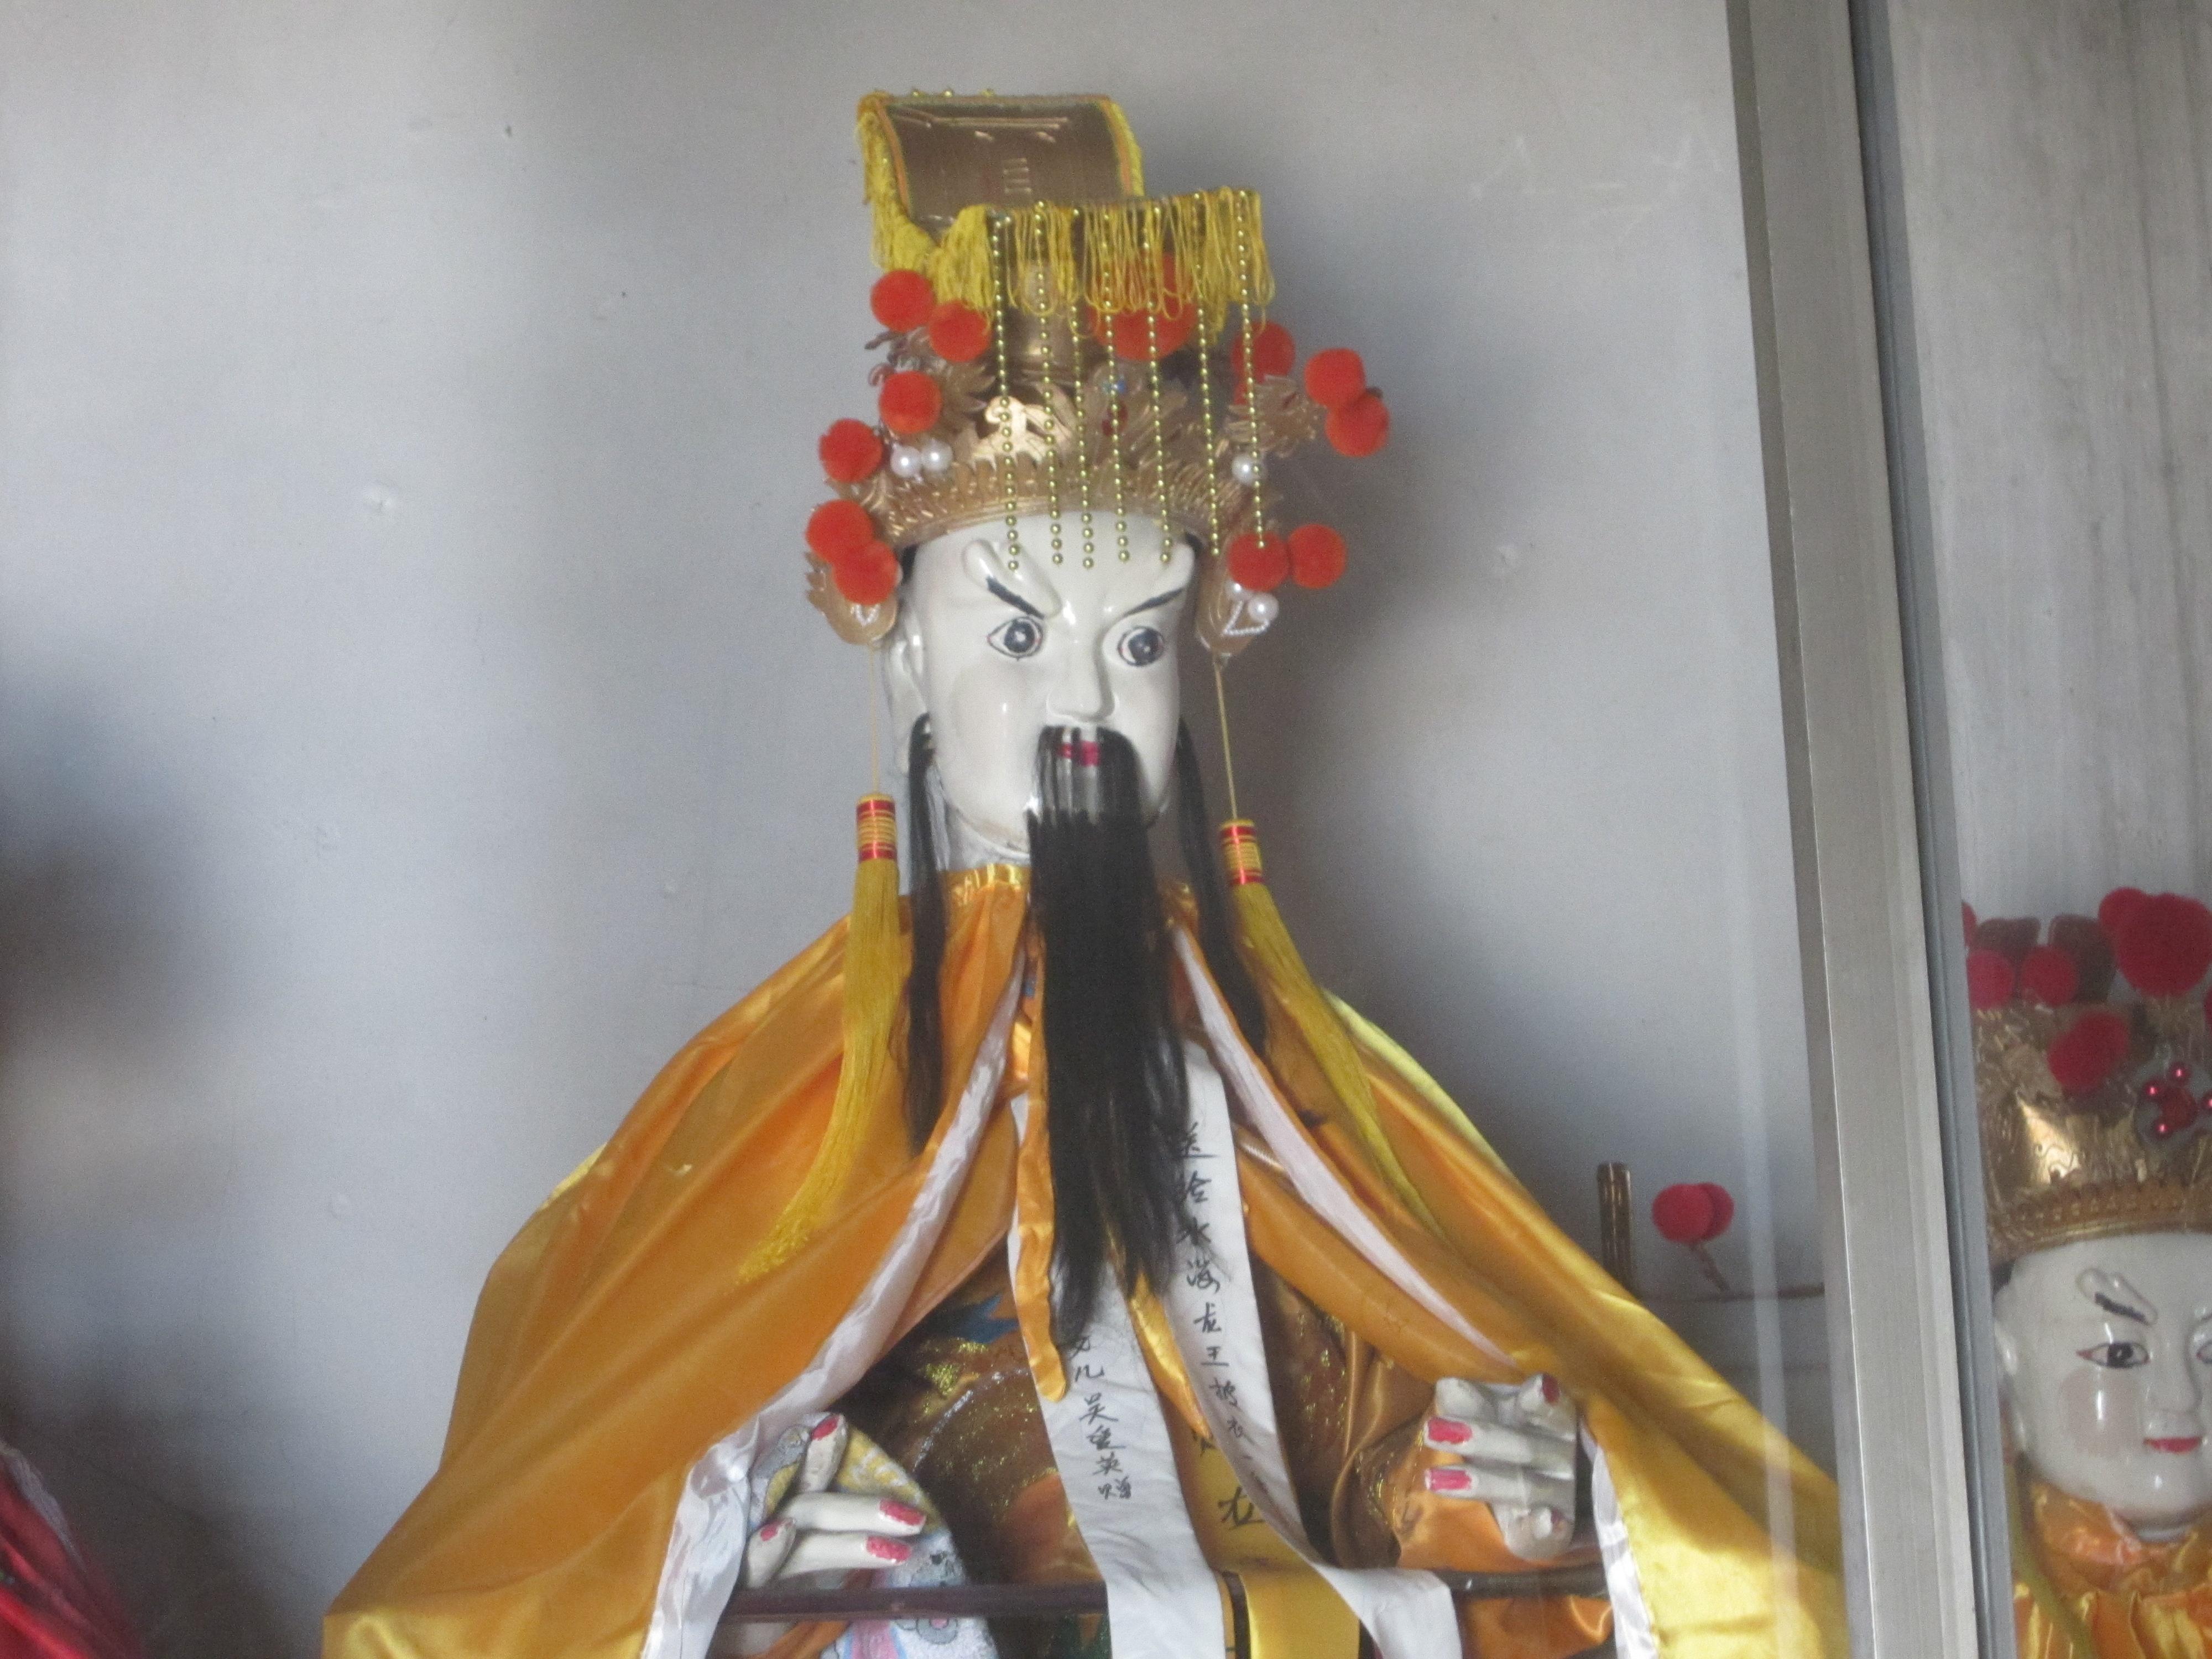 刘猛将归来: 一座乡村小庙兴衰中的百年中国